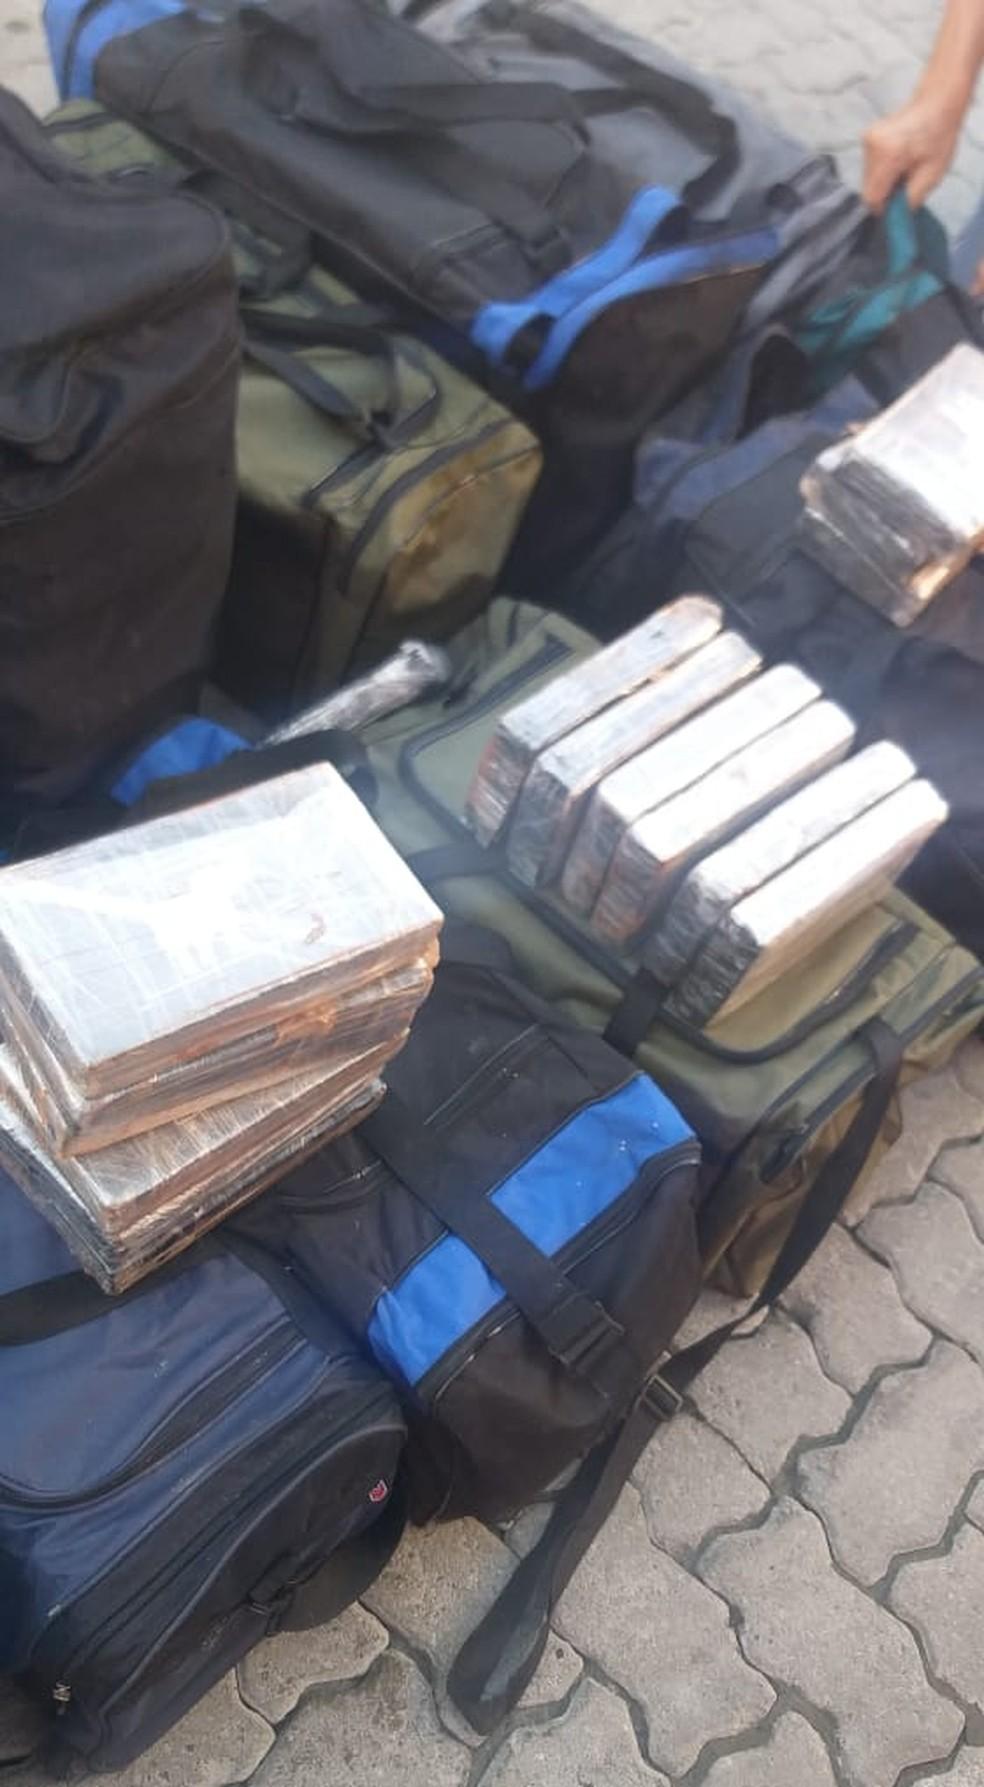 Drogas estavam escondidas dentro de uma mochila, em um container — Foto: Divulgação/PF